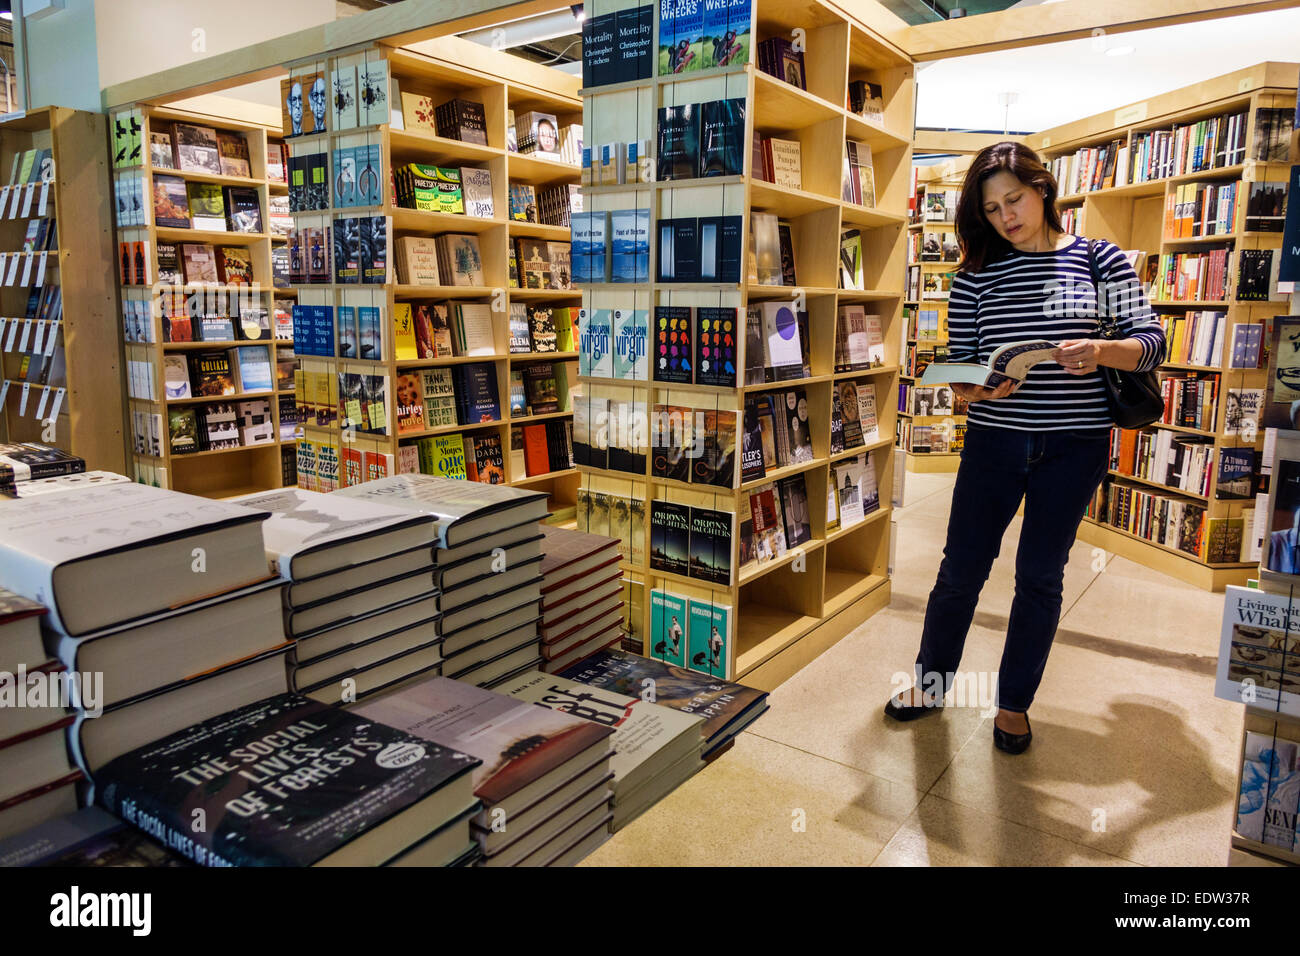 Chicago Illinois Hyde Park Campus University di Chicago il seminario Co-op librerie college bookstore interno vendita Immagini Stock